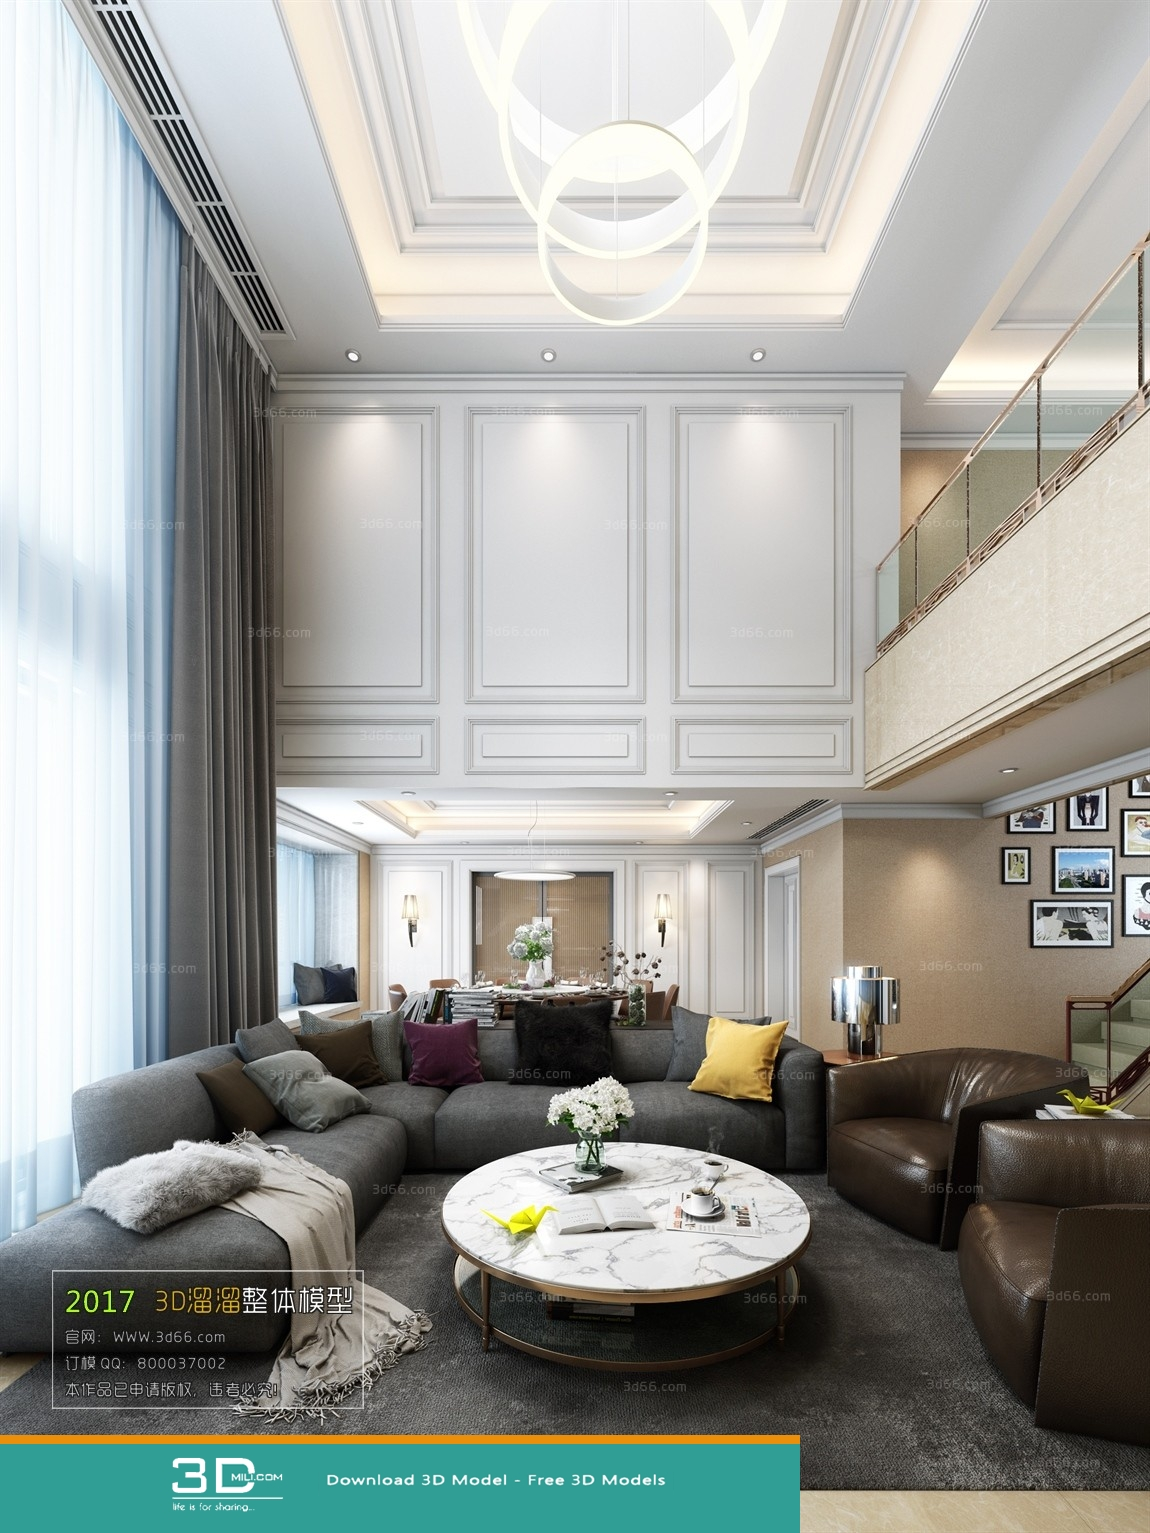 86. Living room 3DSmax file free download - 3D Mili - Download 3D ...